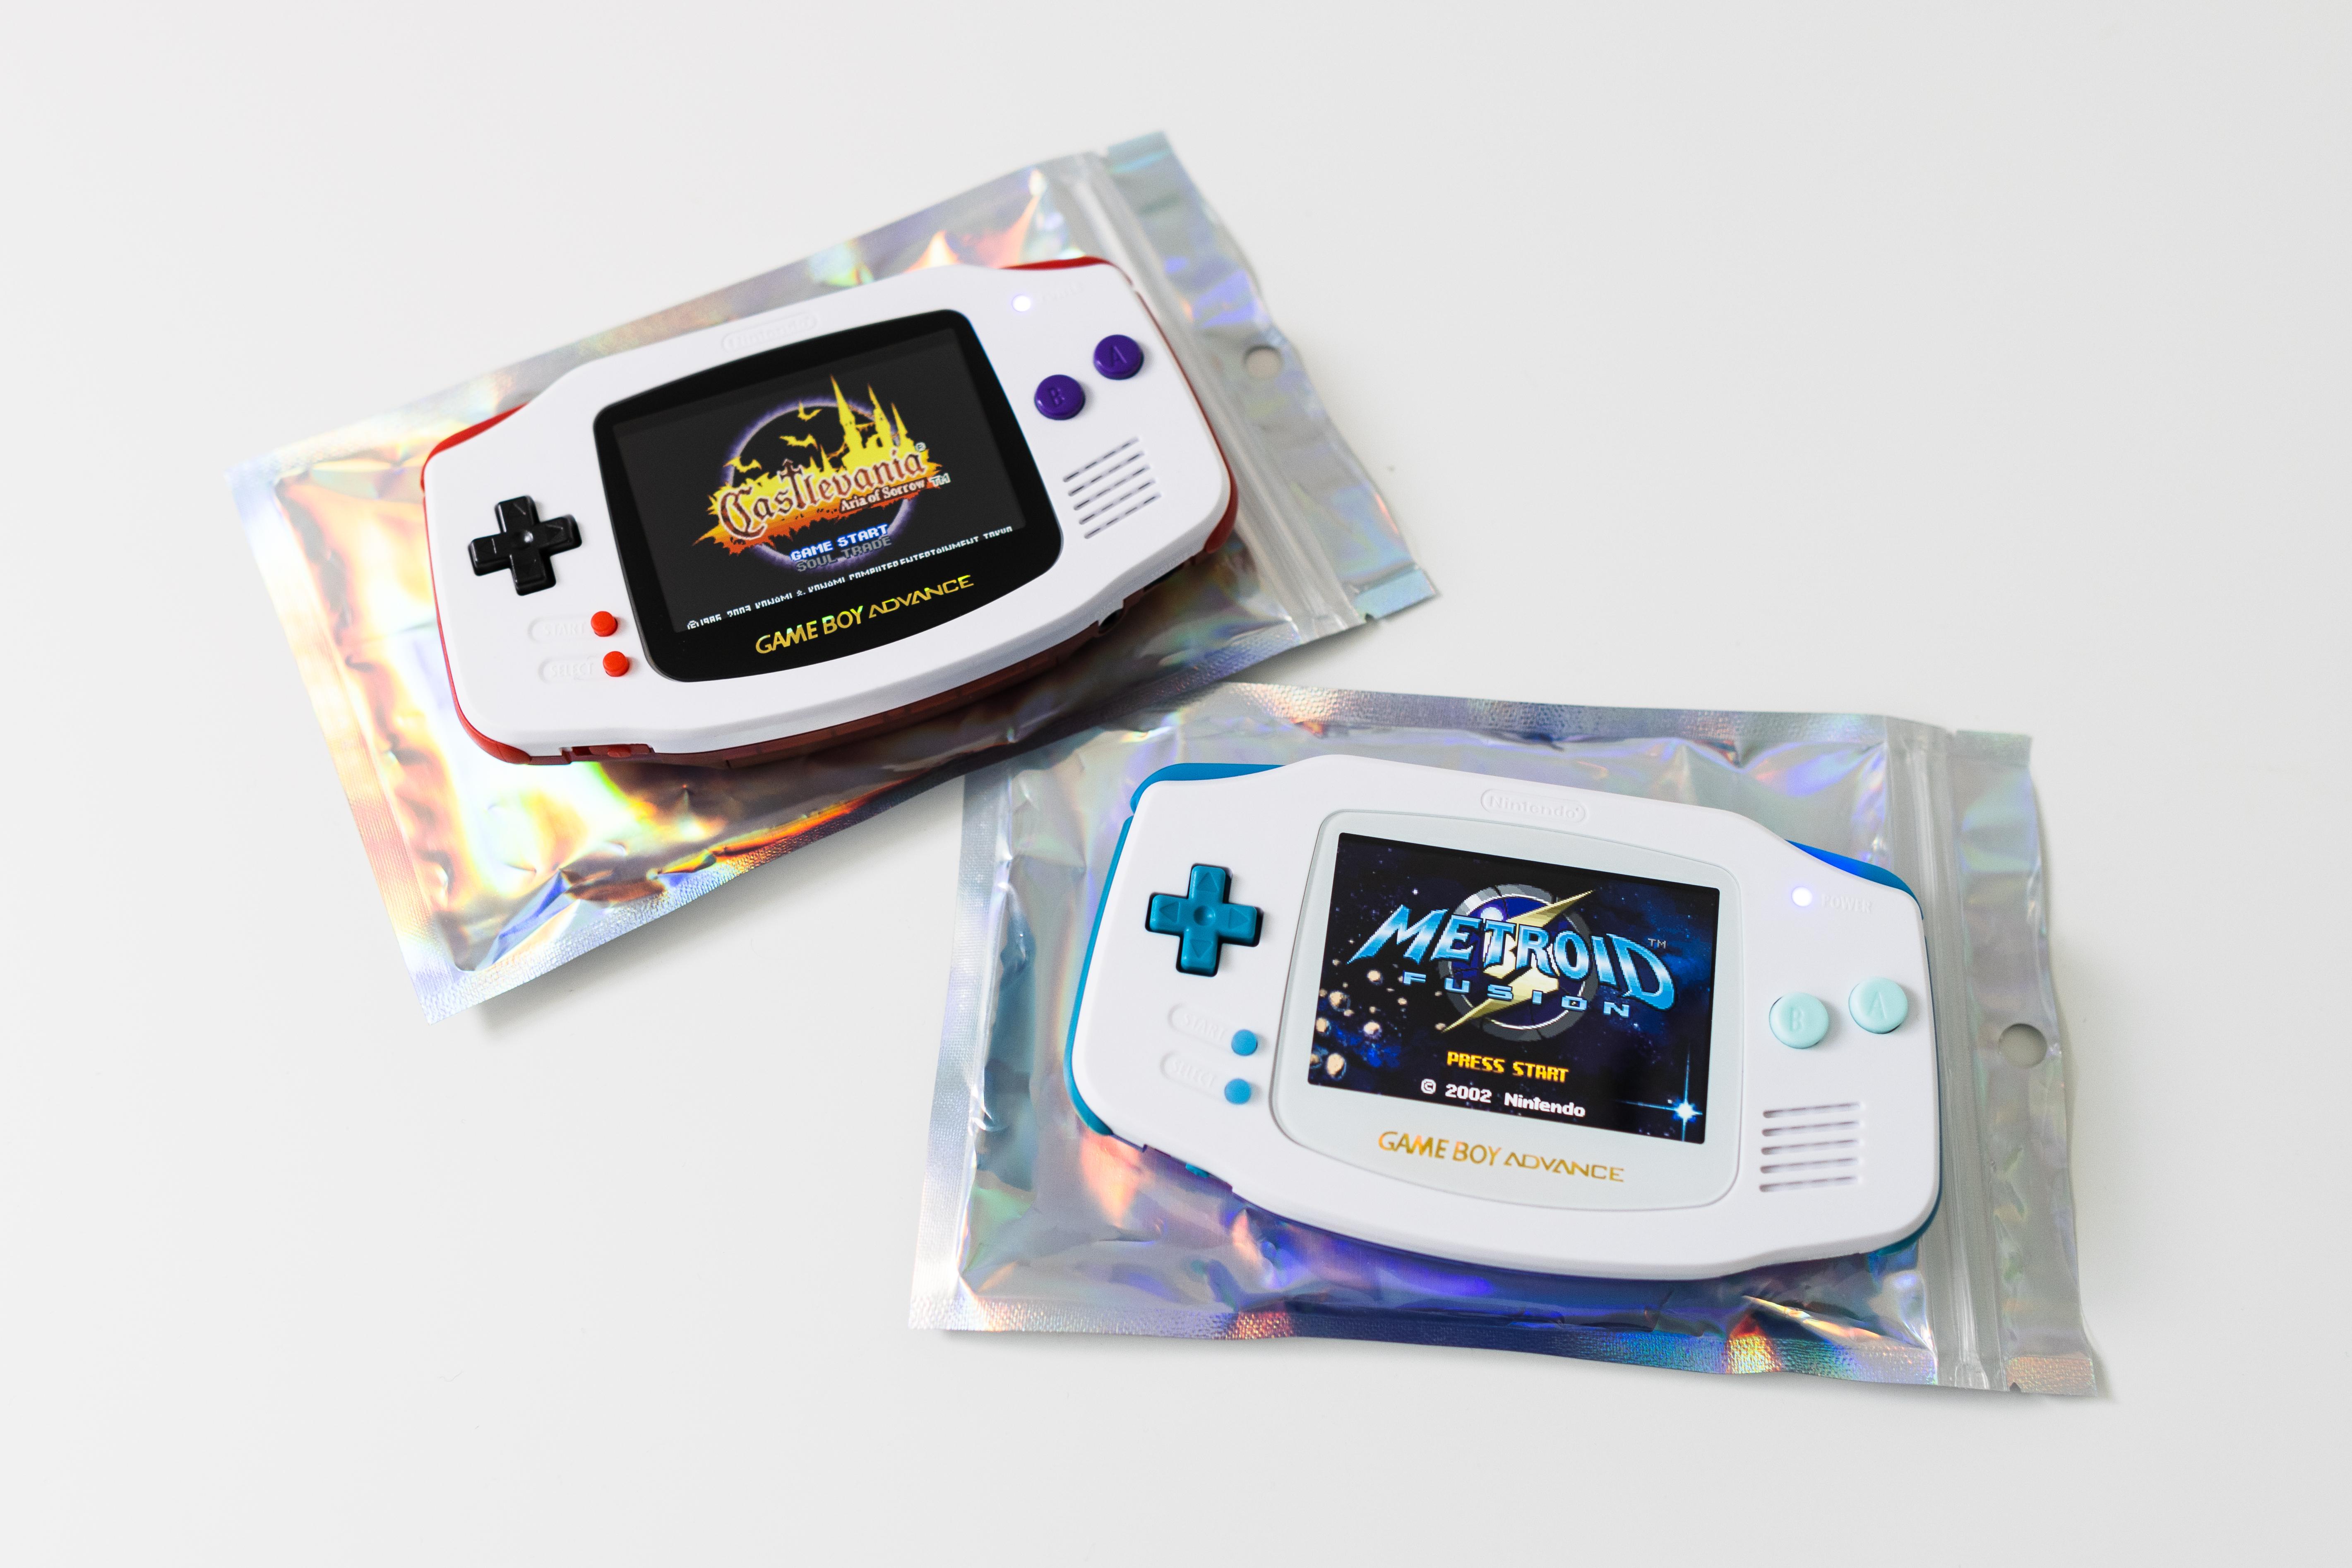 Color-modded Game Boy Advance models.